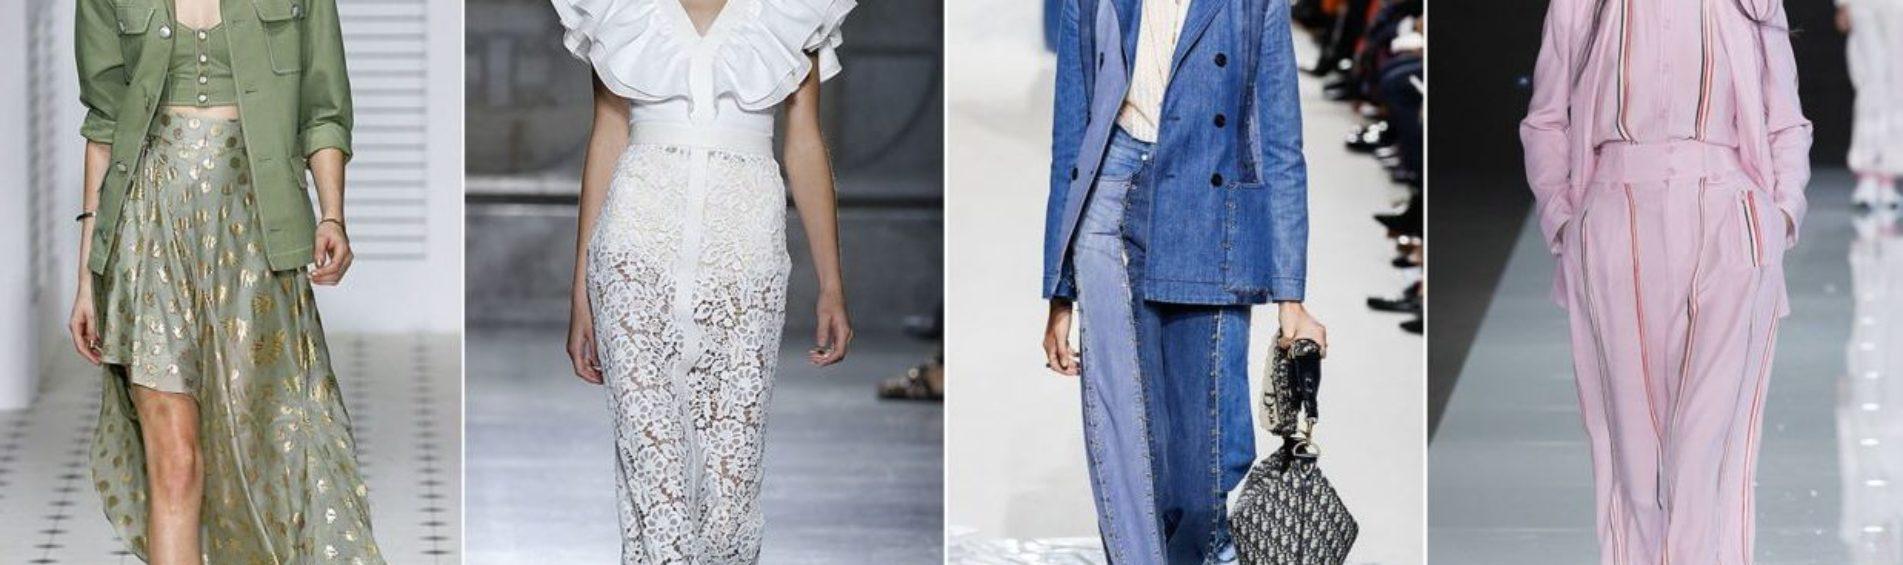 Mode pour femme printemps-été 2018